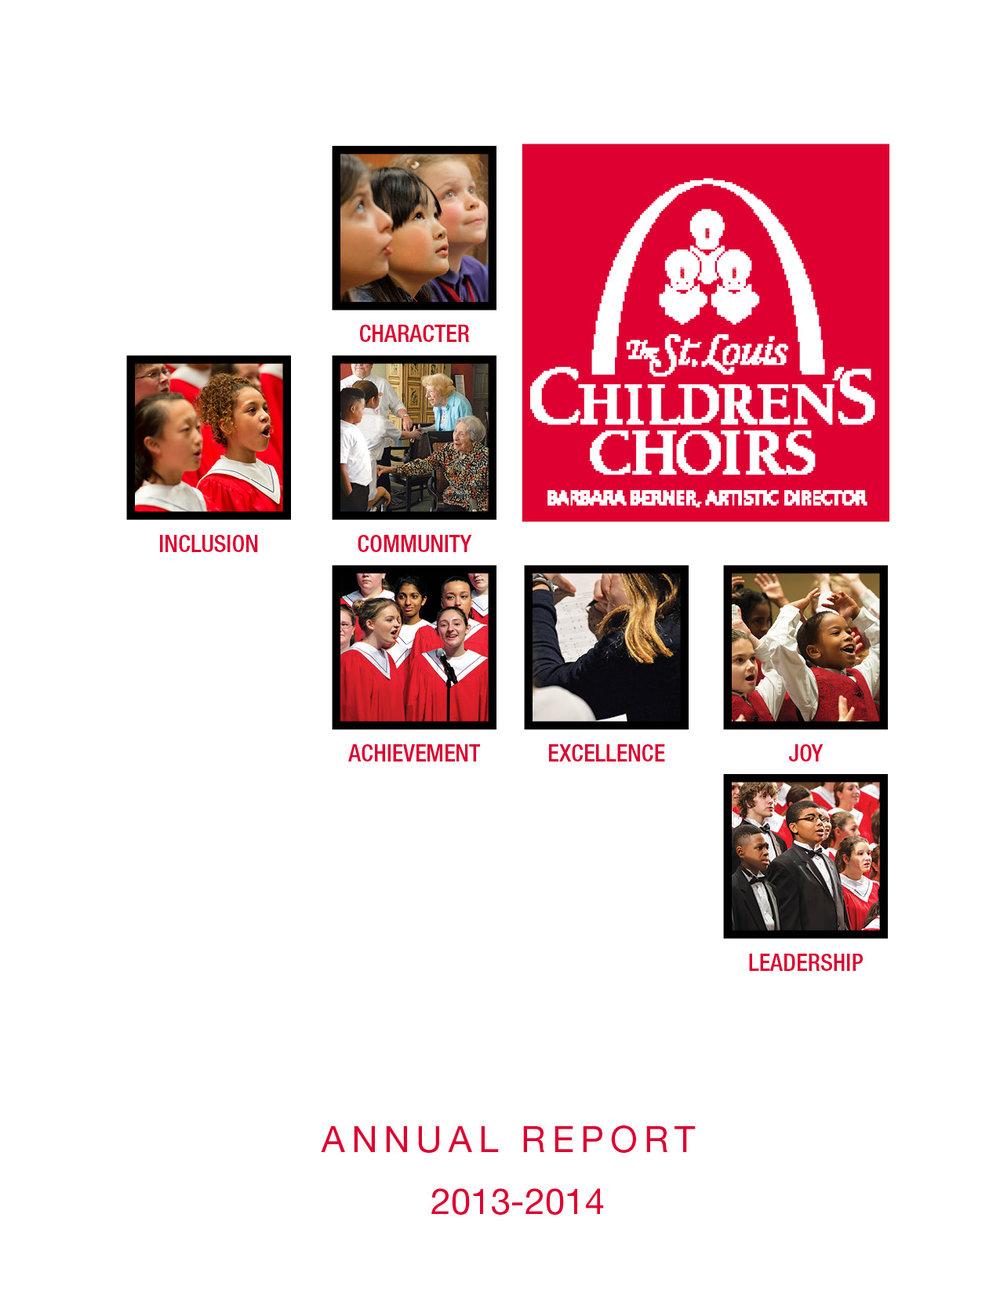 SLCC_Annual Report_final_PTR2.jpg